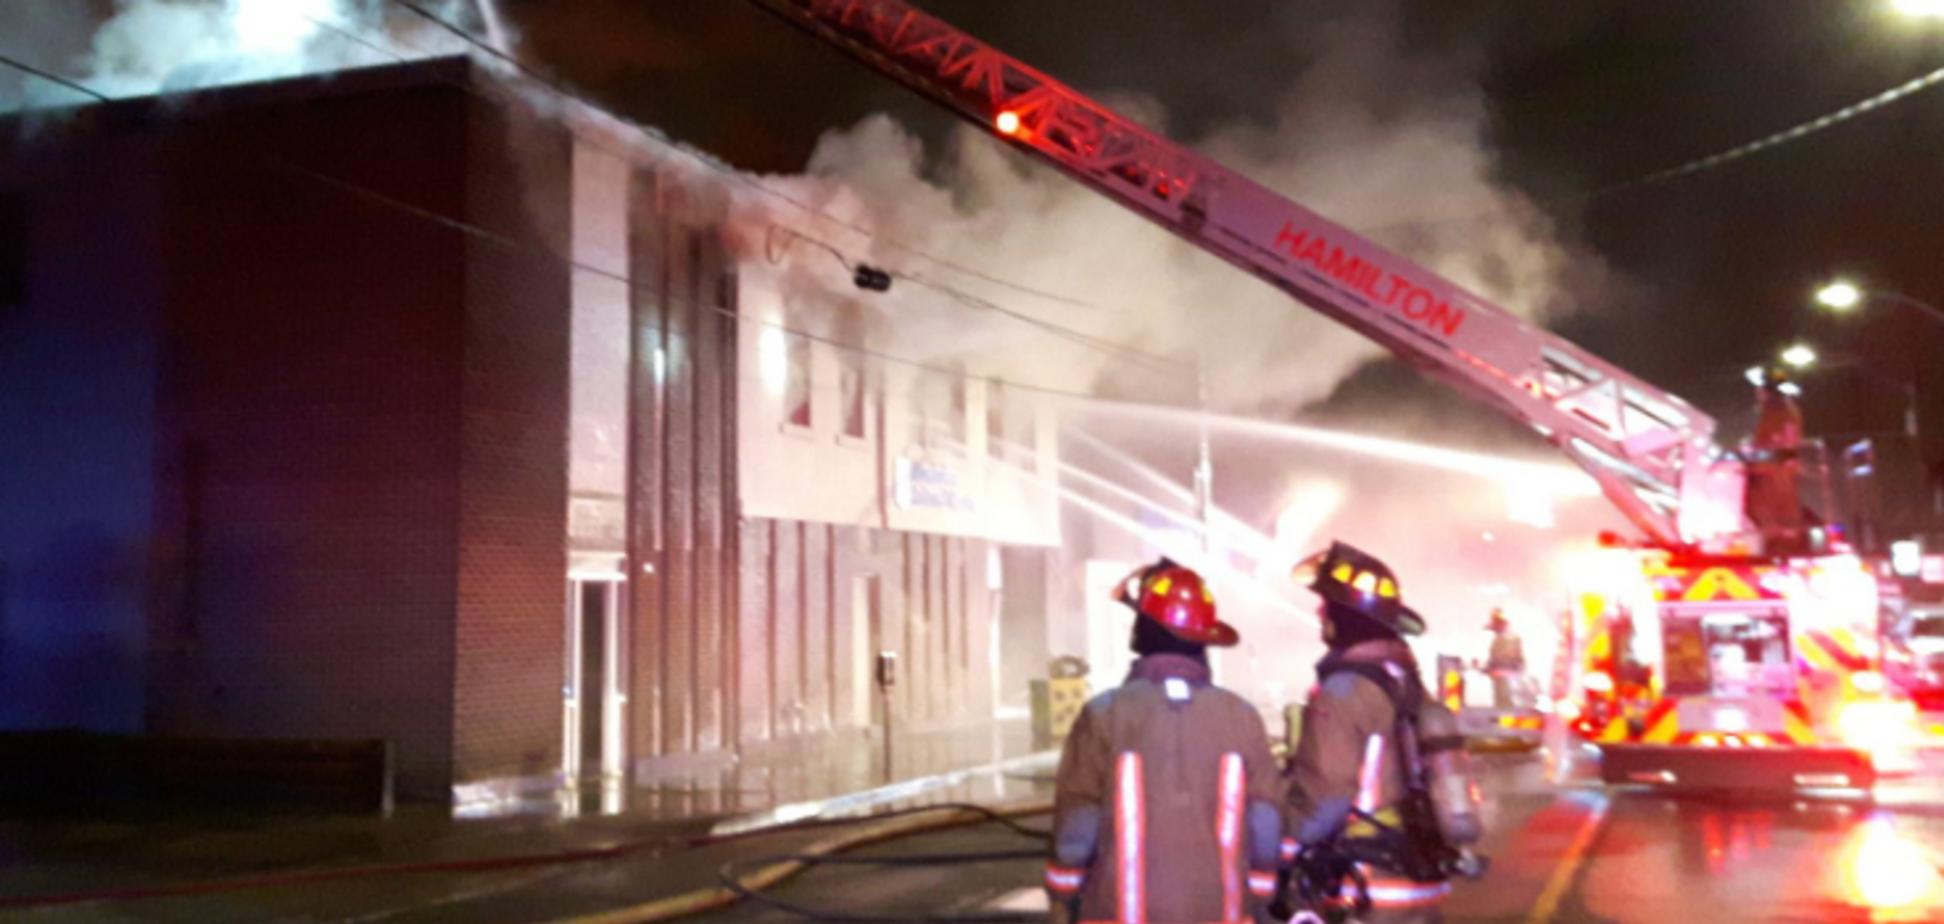 В Канаде сгорел дотла украинский центр: уничтожены архивные документы